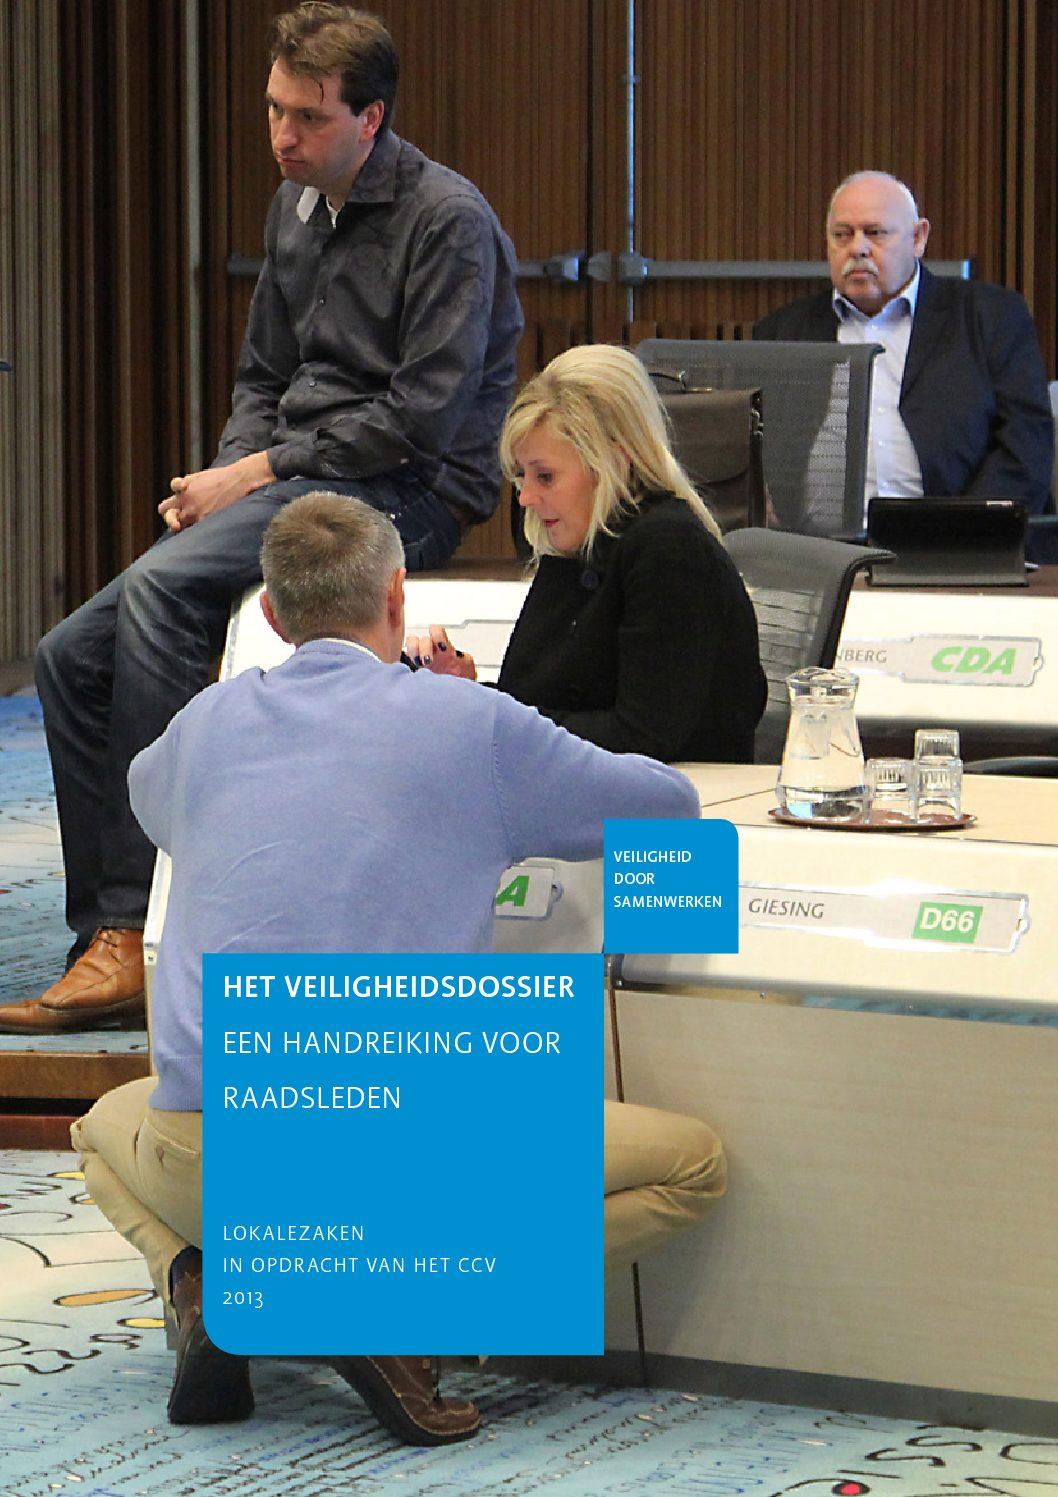 Het Veiligheidsdossier: Een handreiking voor raadsleden. Rotterdam/Utrecht, 2013.